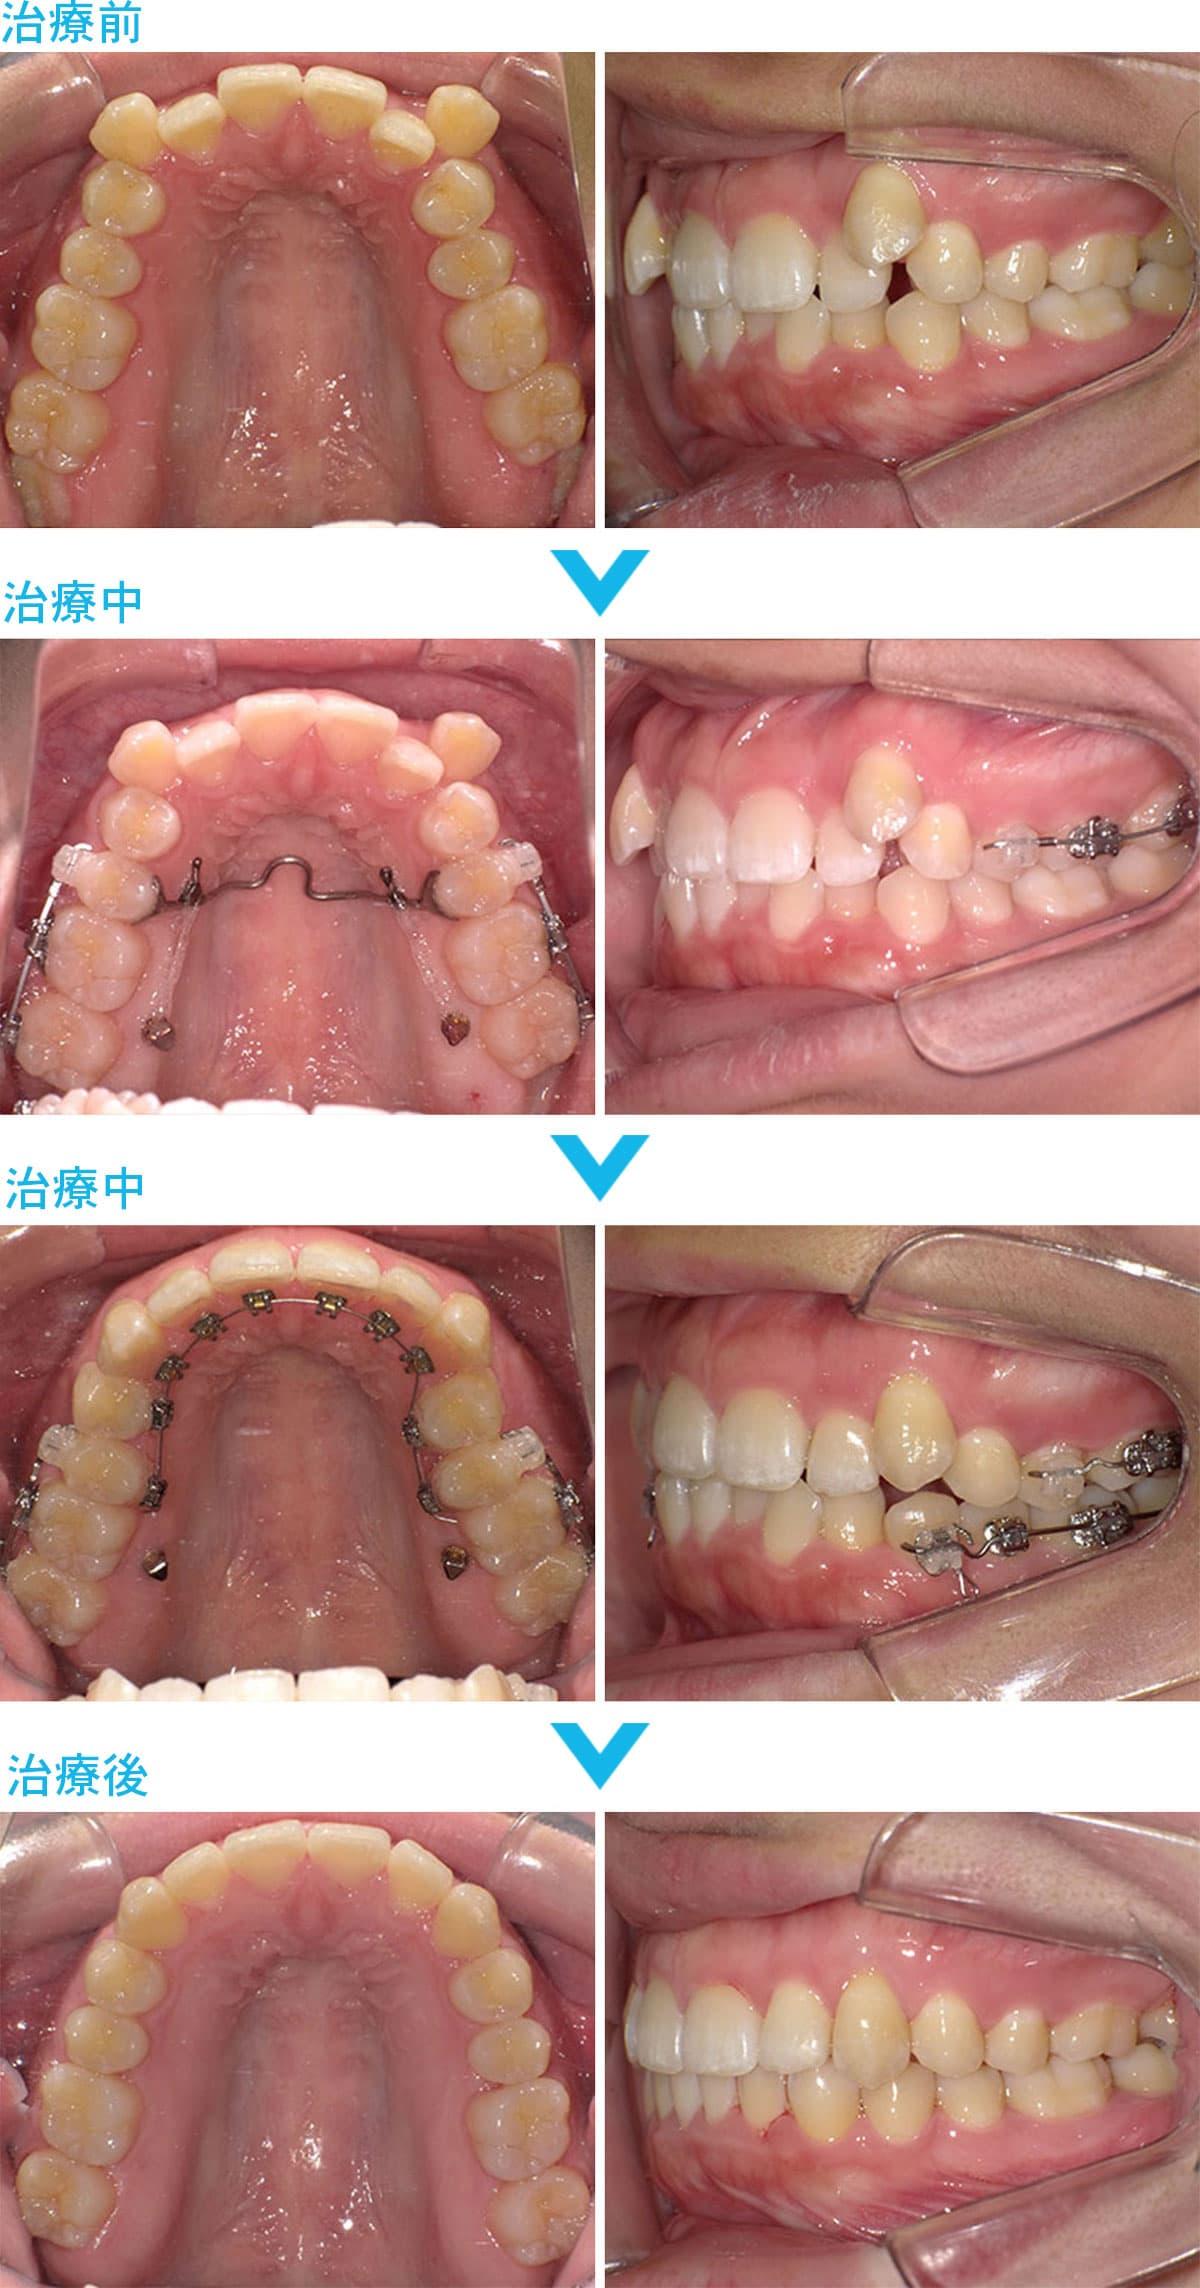 非抜歯の症例治療の比較